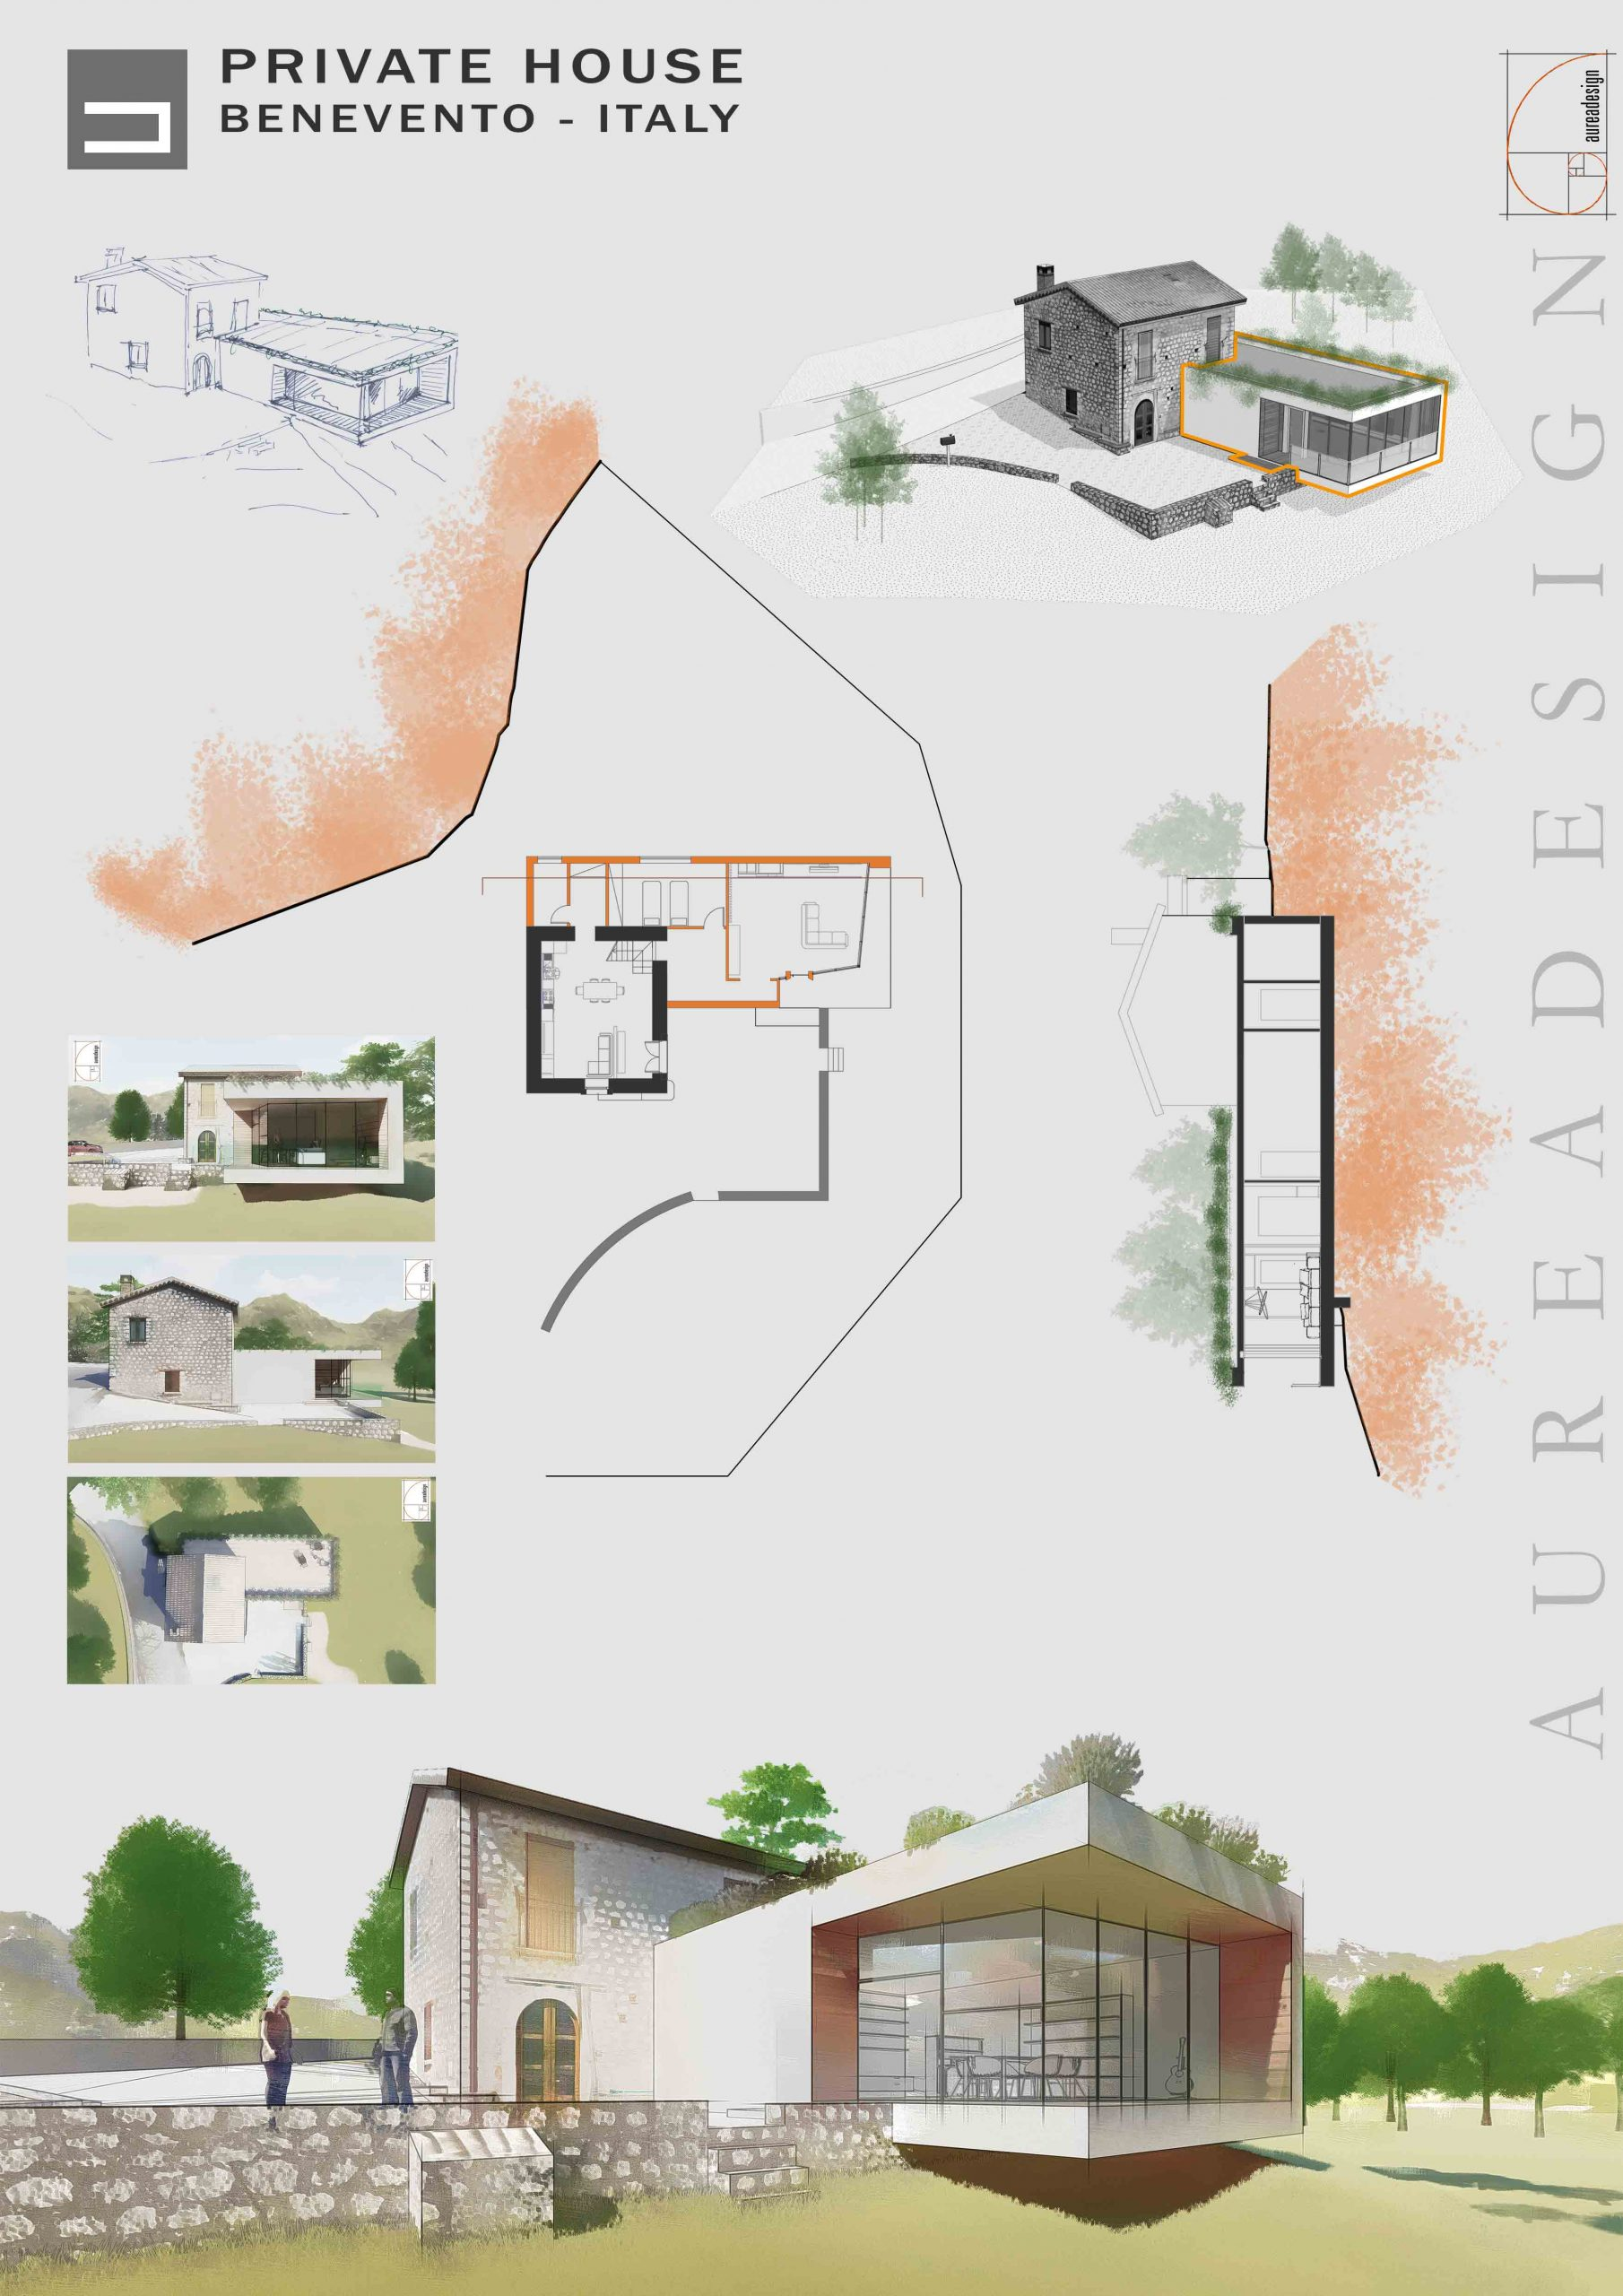 auredesign.com_progettti_private_house_benevento_00